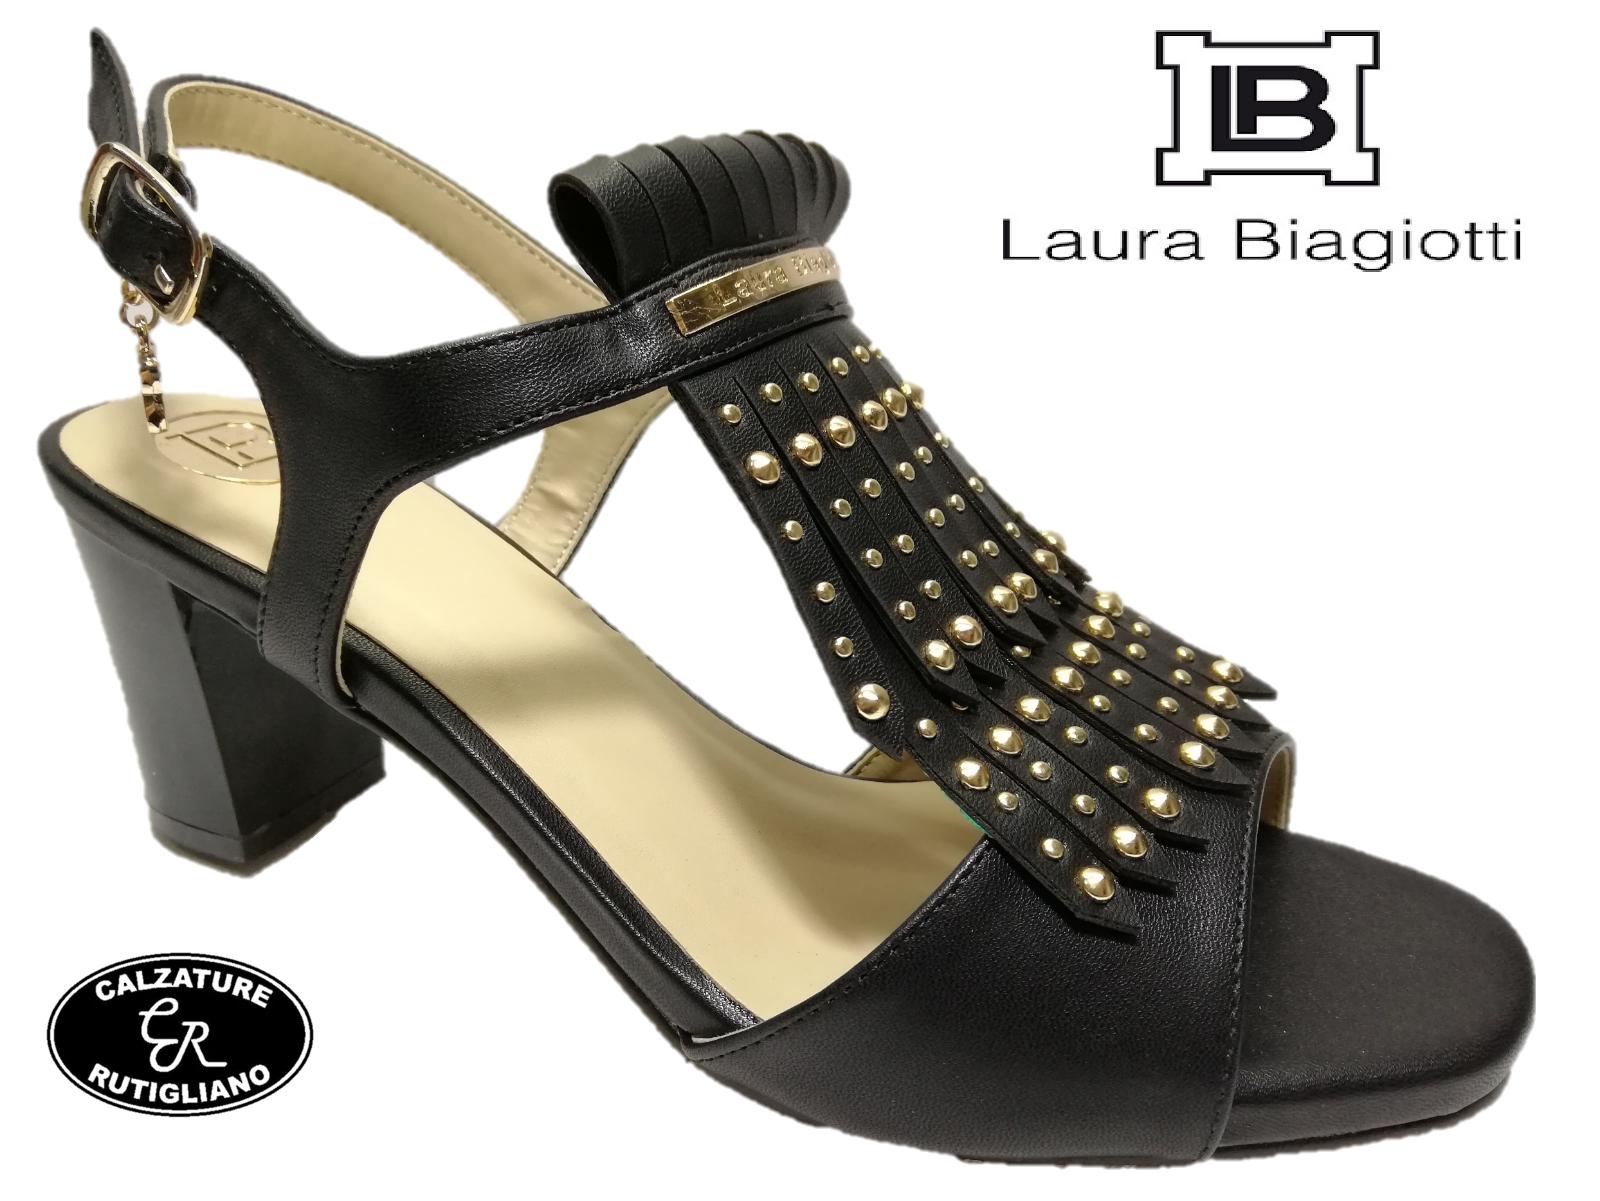 LAURA BIAGIOTTI chaussures femmes SANDALI CINTURINO TACCO ALTO PELLE noir  - 647